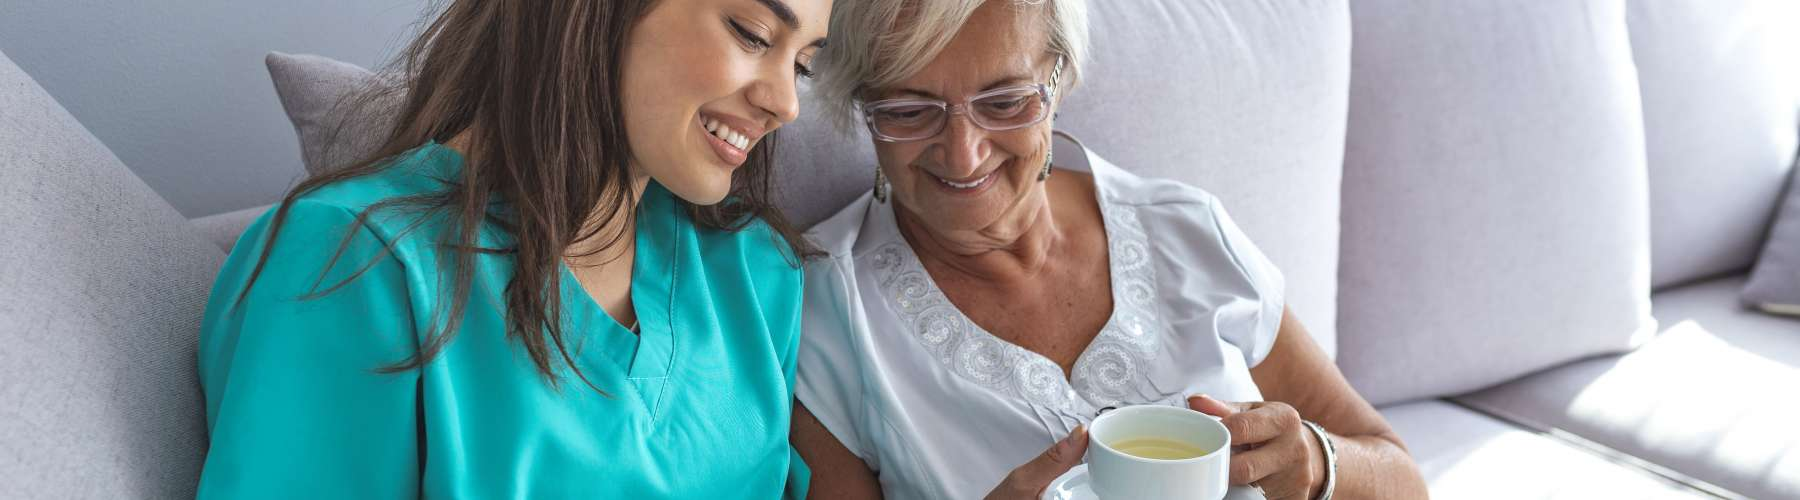 Ausbildung zur Pflegefachfrau (m/w/d)